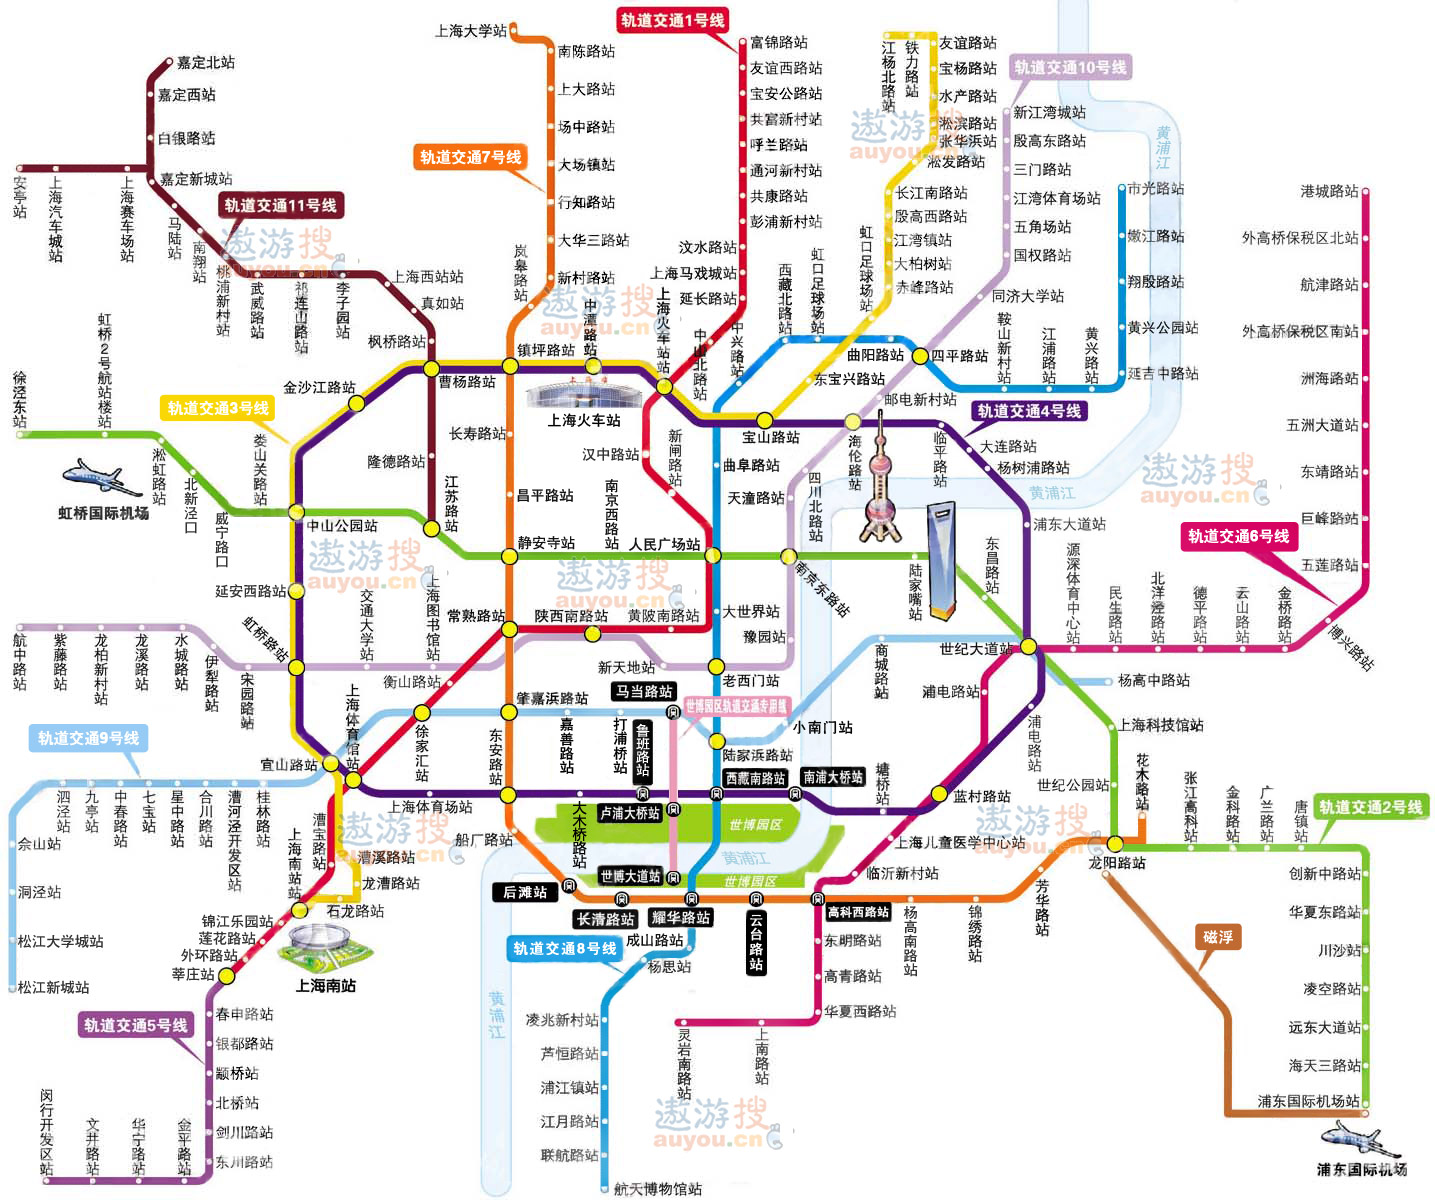 北京地铁线路图高清